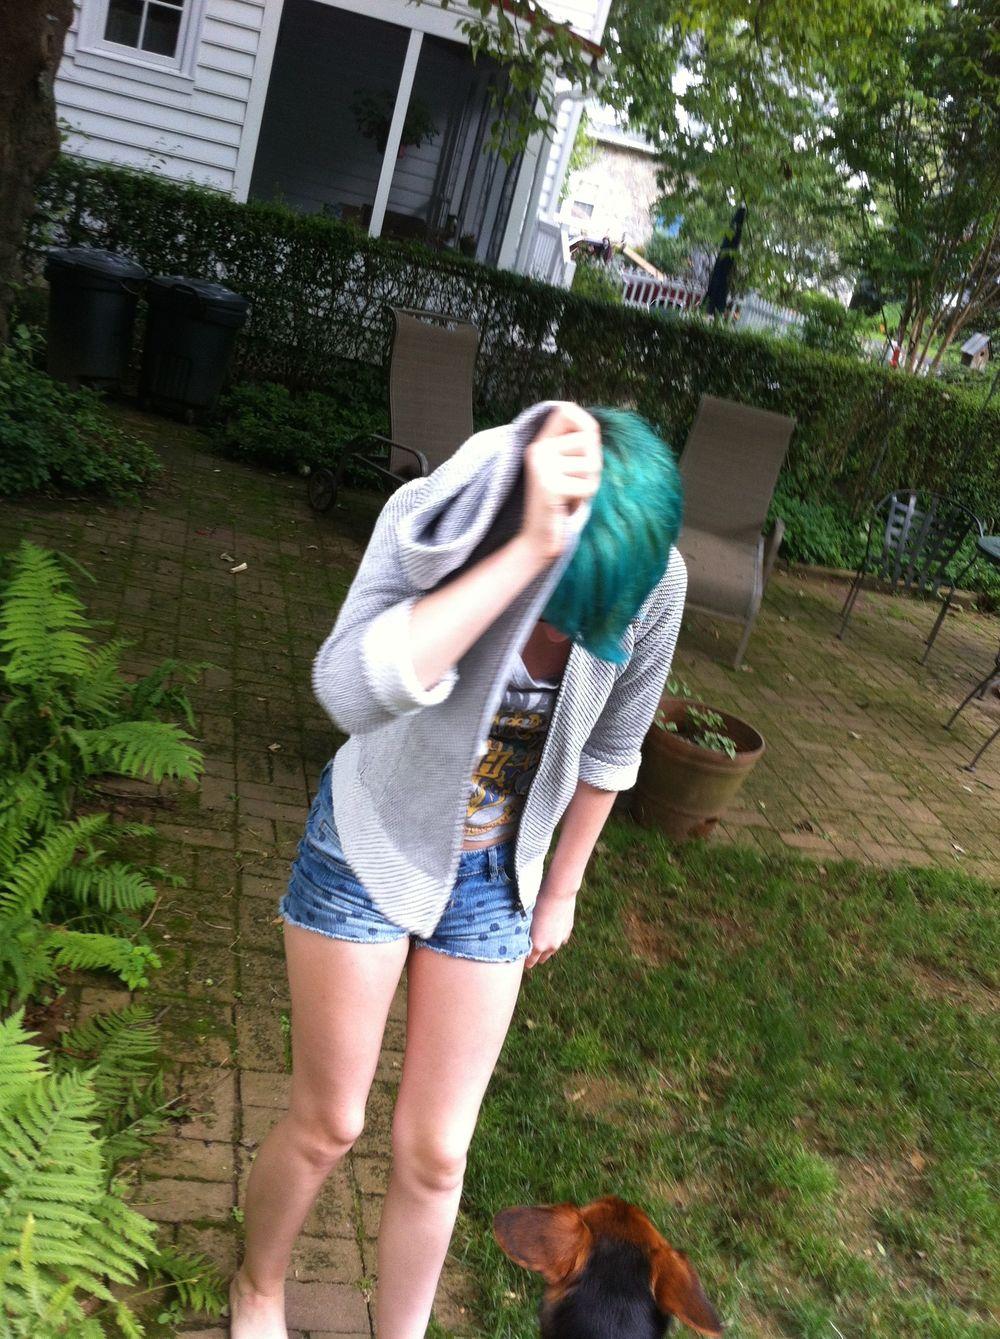 Emily's head